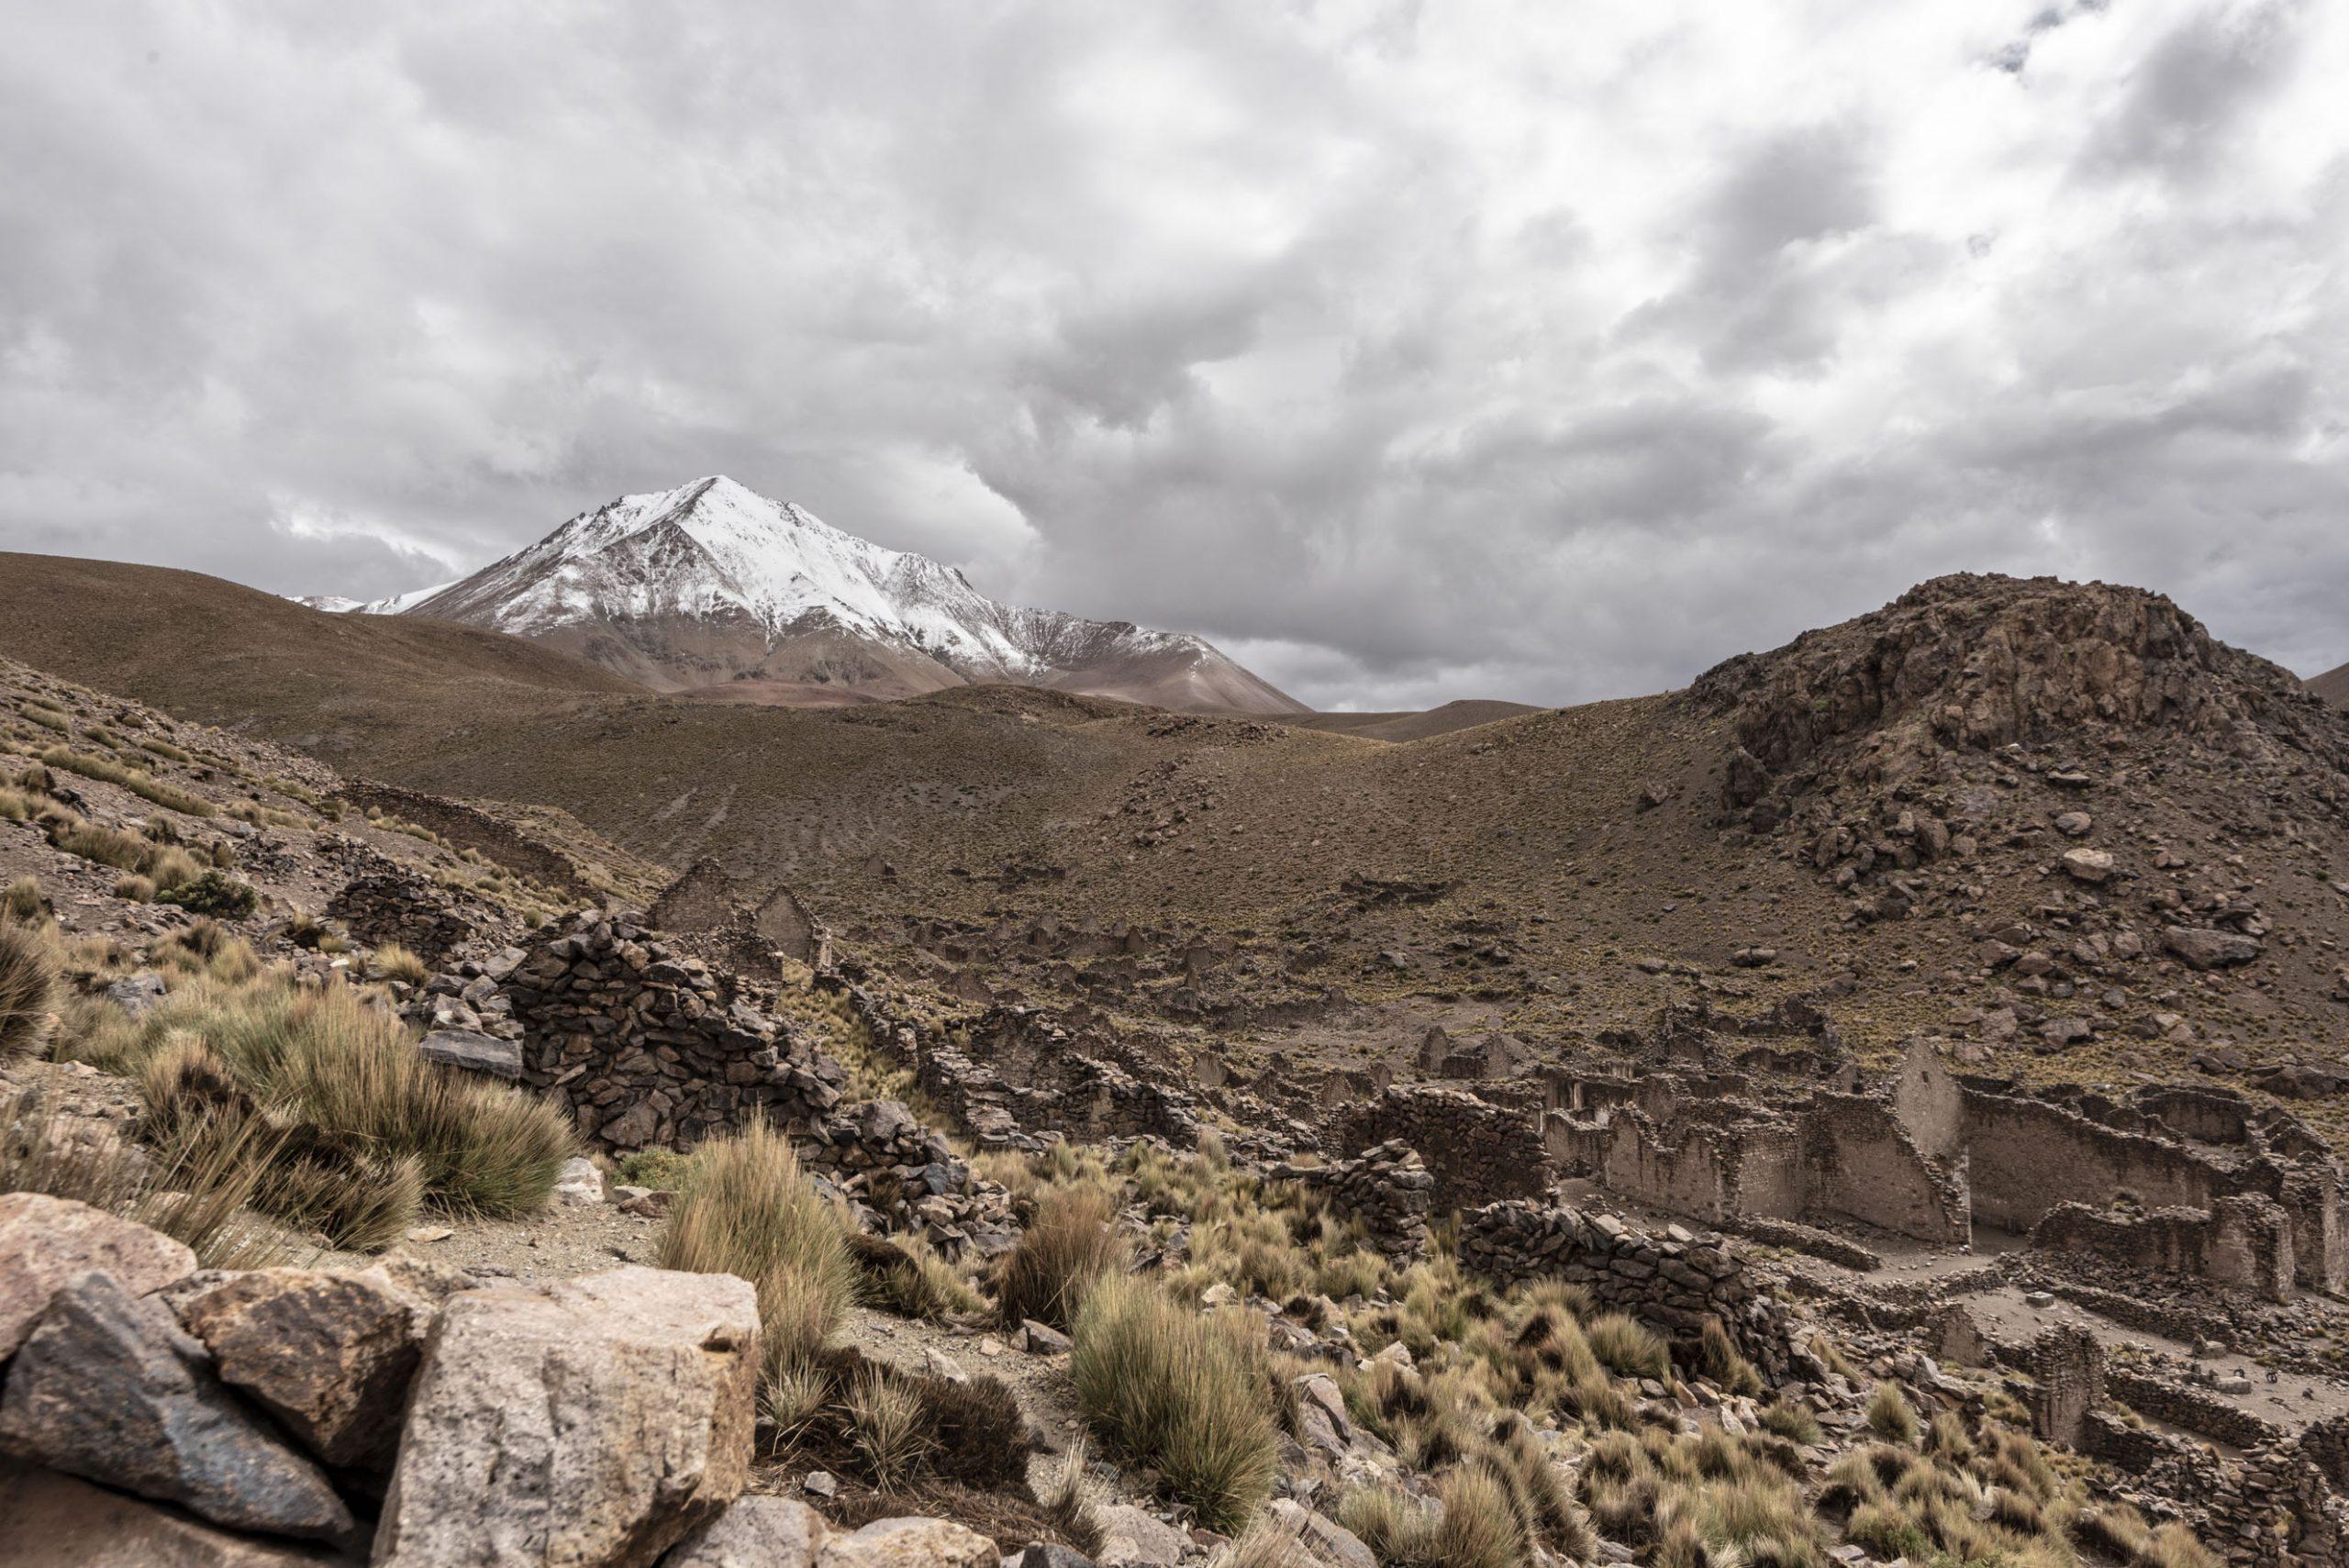 Cerro Maravilla